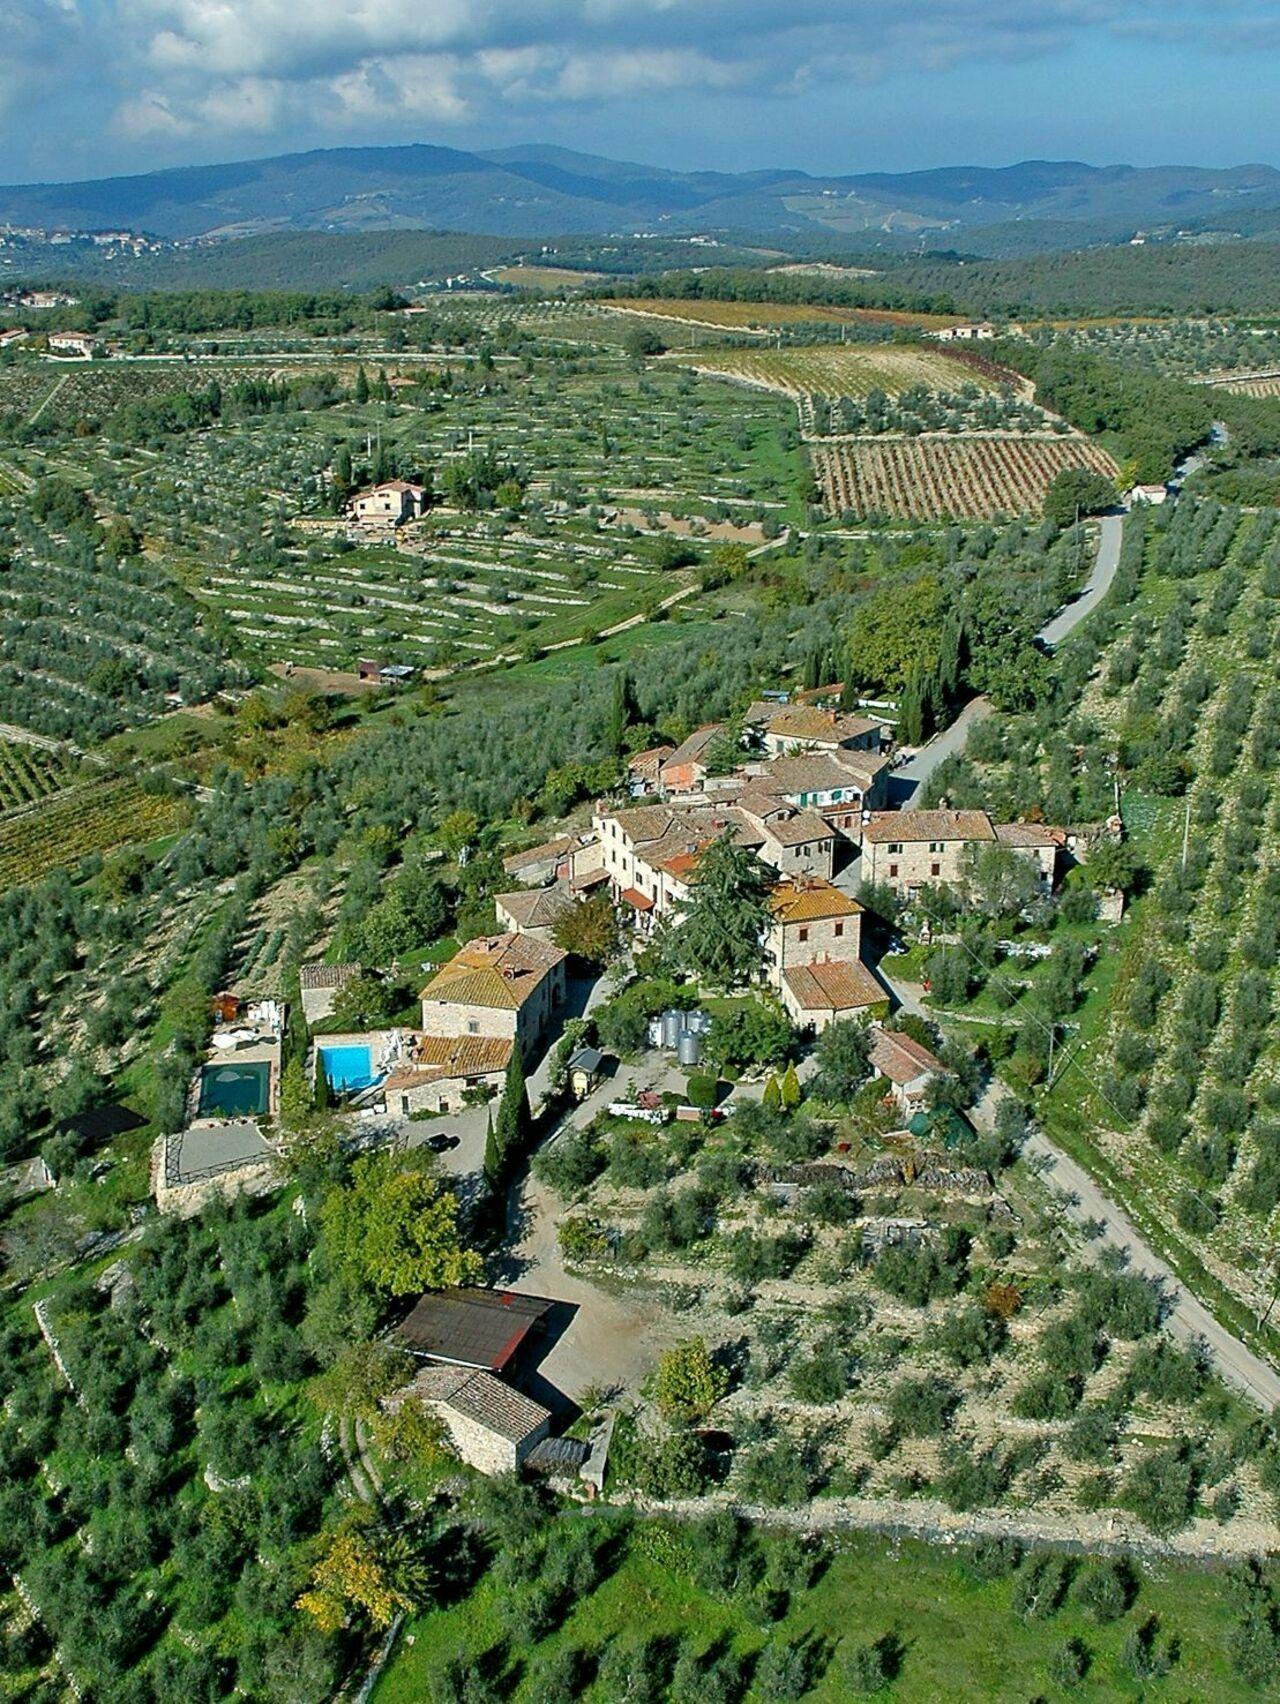 Villa Gallo Nero